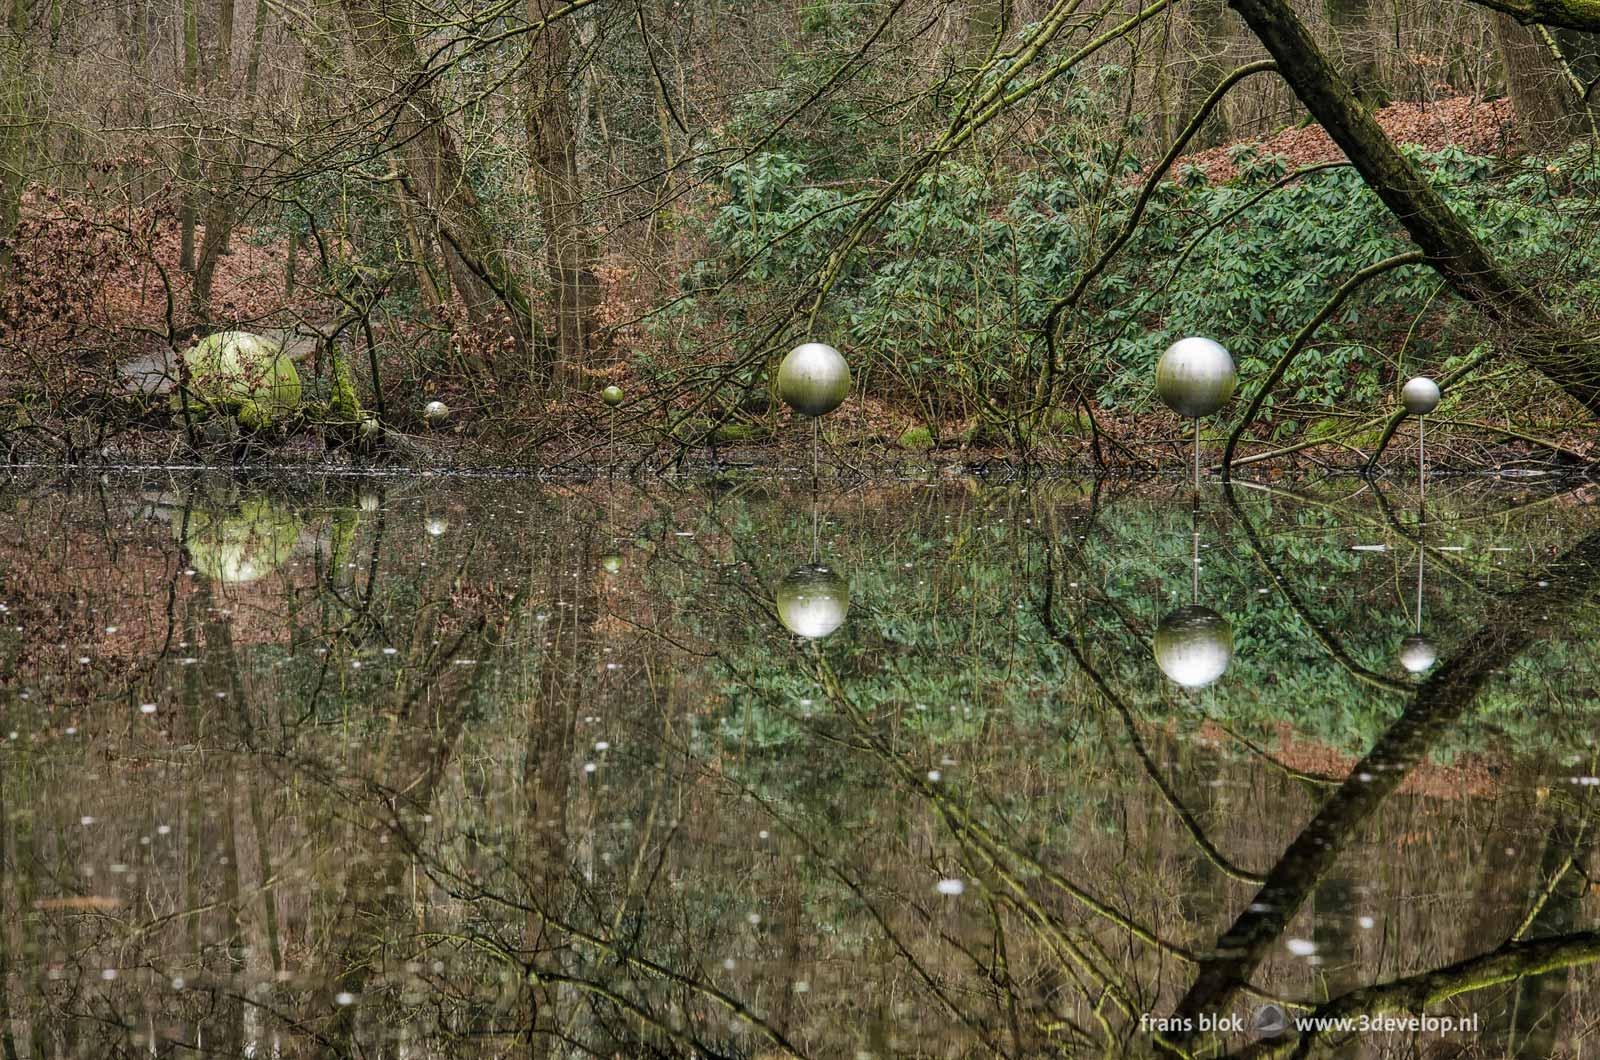 Kunstwerk Skies Captured van Henrietta Lehtonen oftwel het Bosplanetarium van Arnhem in de Koude Vijver in Park sonsbeek